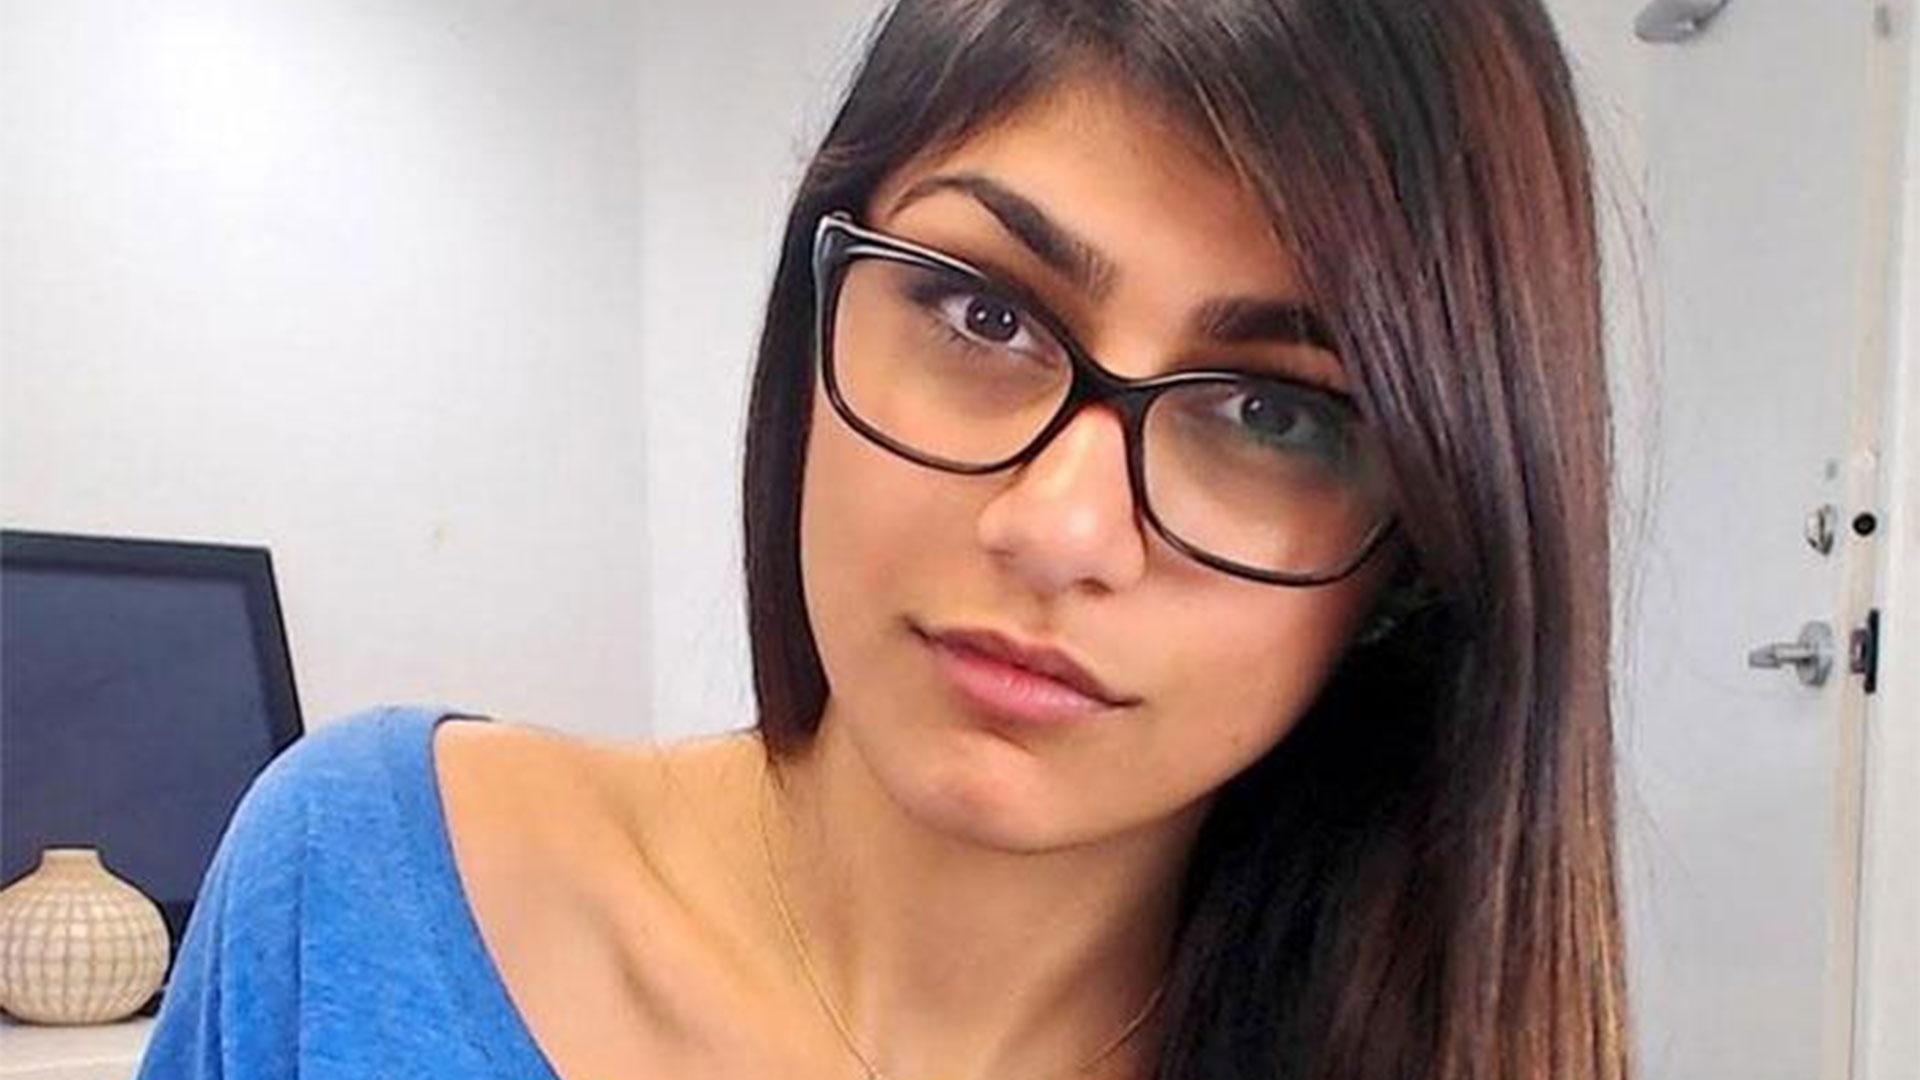 Atriz Porno Kalifa mia khalifa revela quanto ganhou durante carreira como atriz